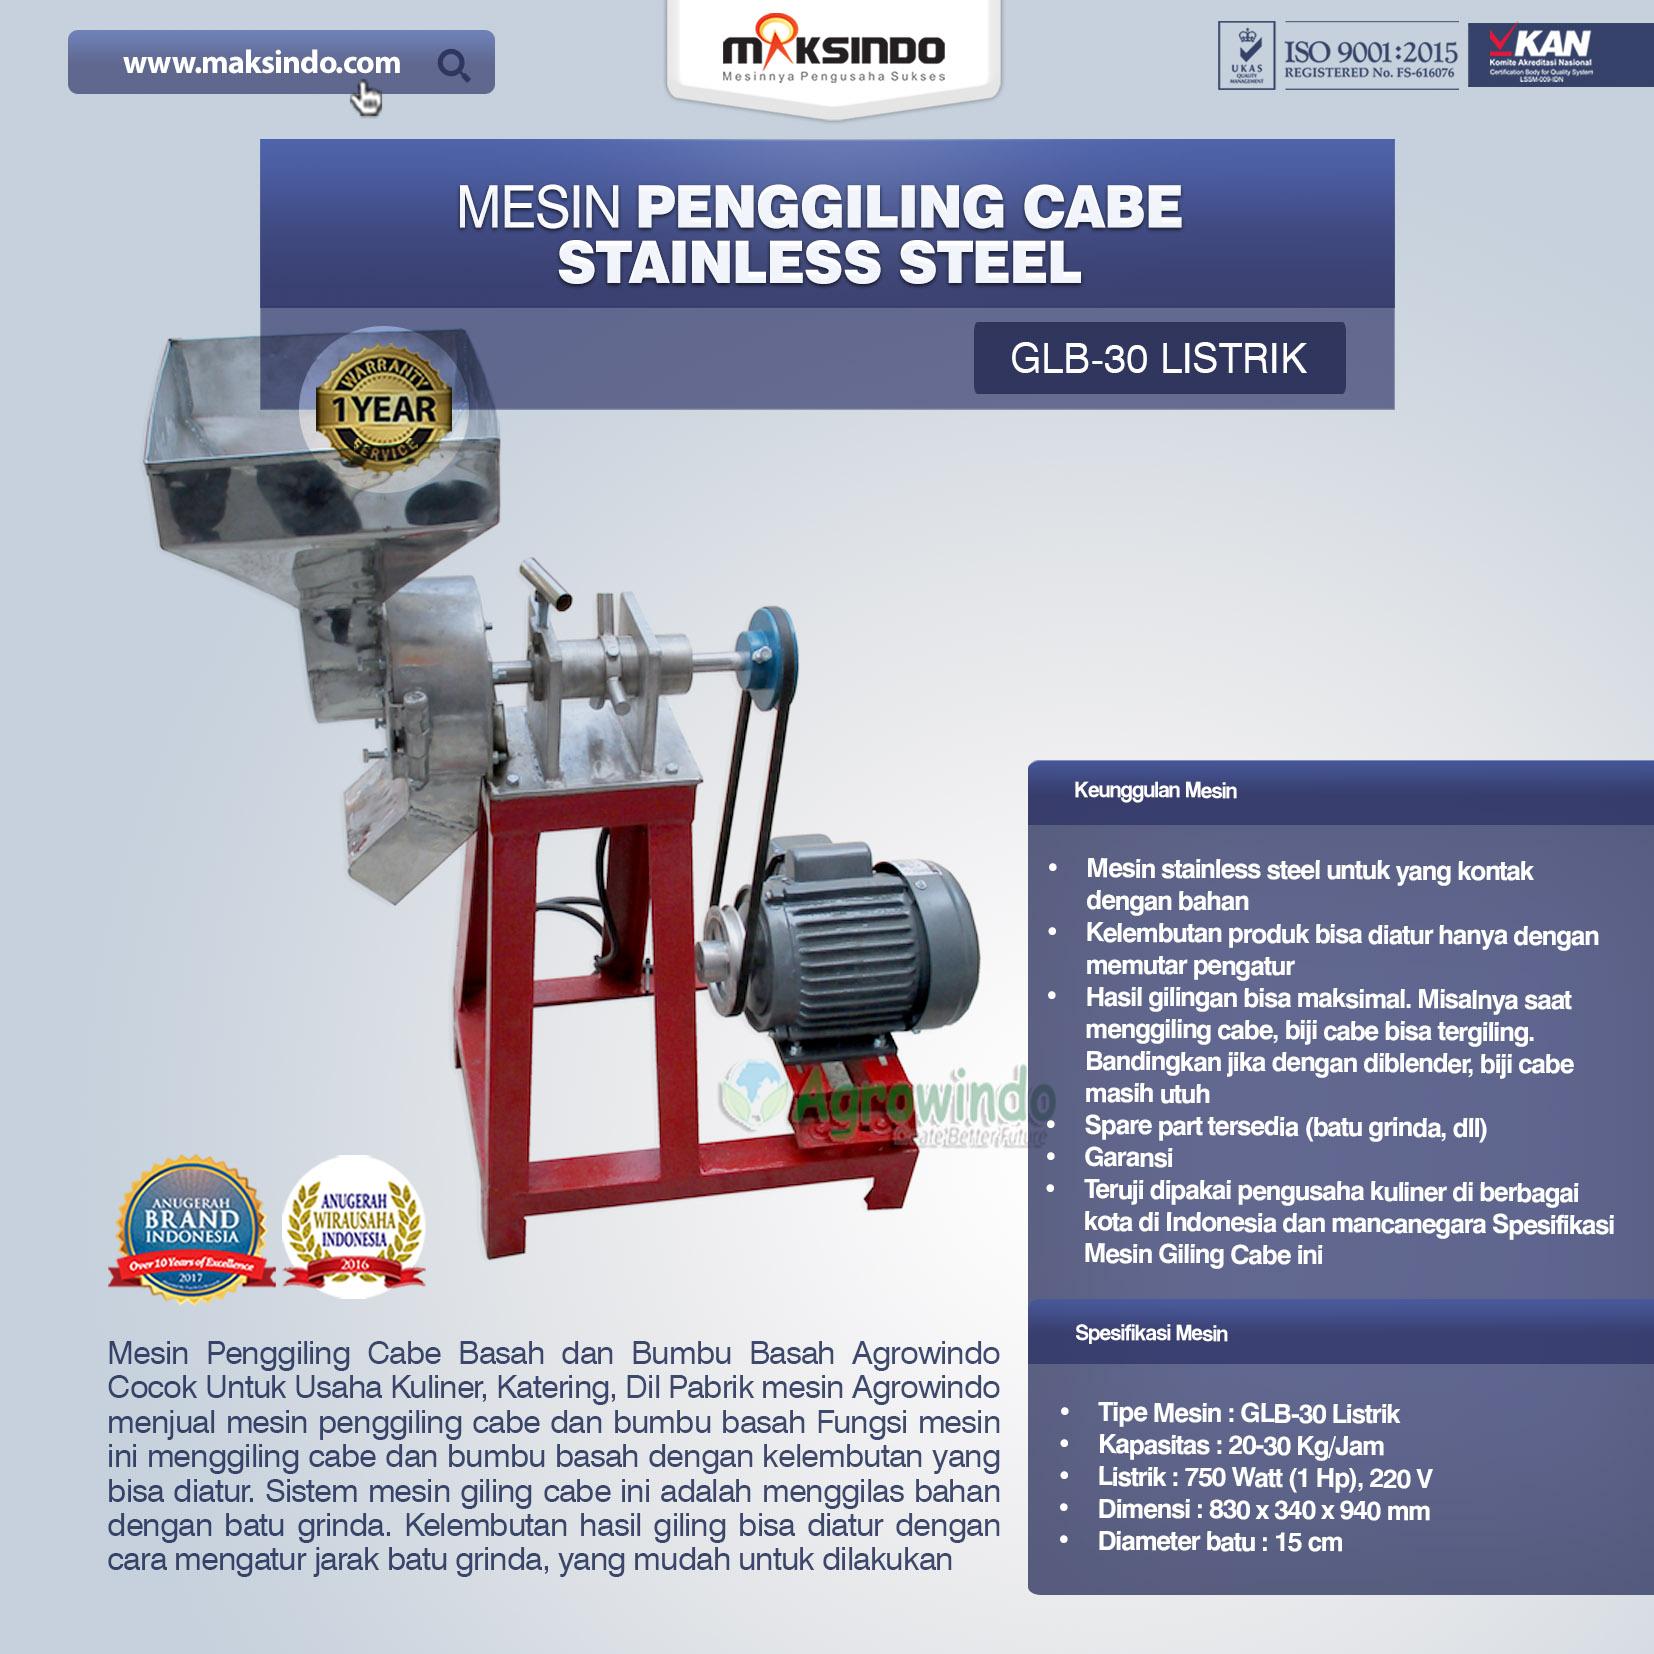 Jual Mesin Penggiling Cabe Stainless Steel di Bandung